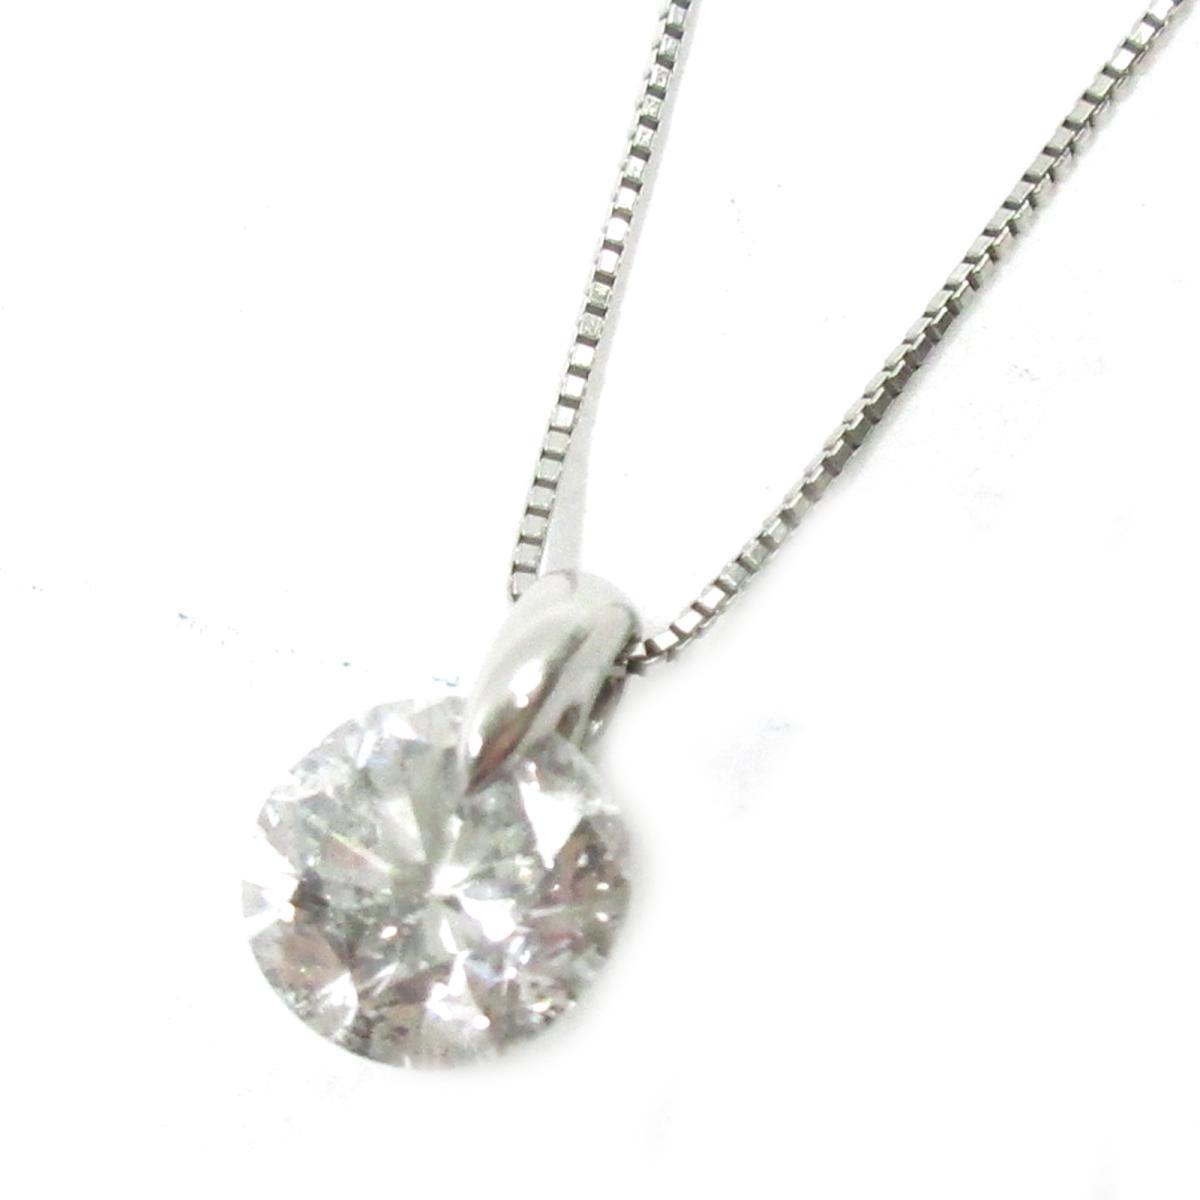 【中古】 ジュエリー ダイヤモンドネックレス レディース PT900 プラチナPT850 x ダイヤモンド2.051ct シルバー クリアー | JEWELRY BRANDOFF ブランドオフ ブランド アクセサリー ネックレス ペンダント